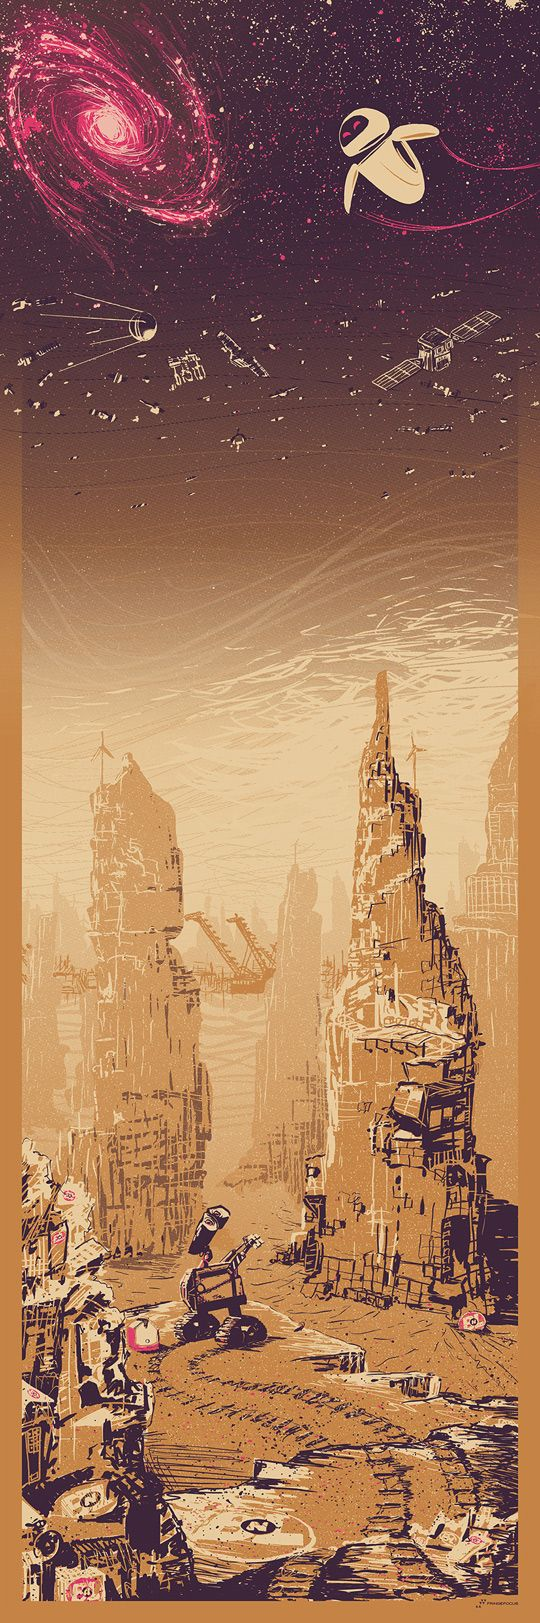 Wall-E - ''Directive?'' - Rob Loukotka ----